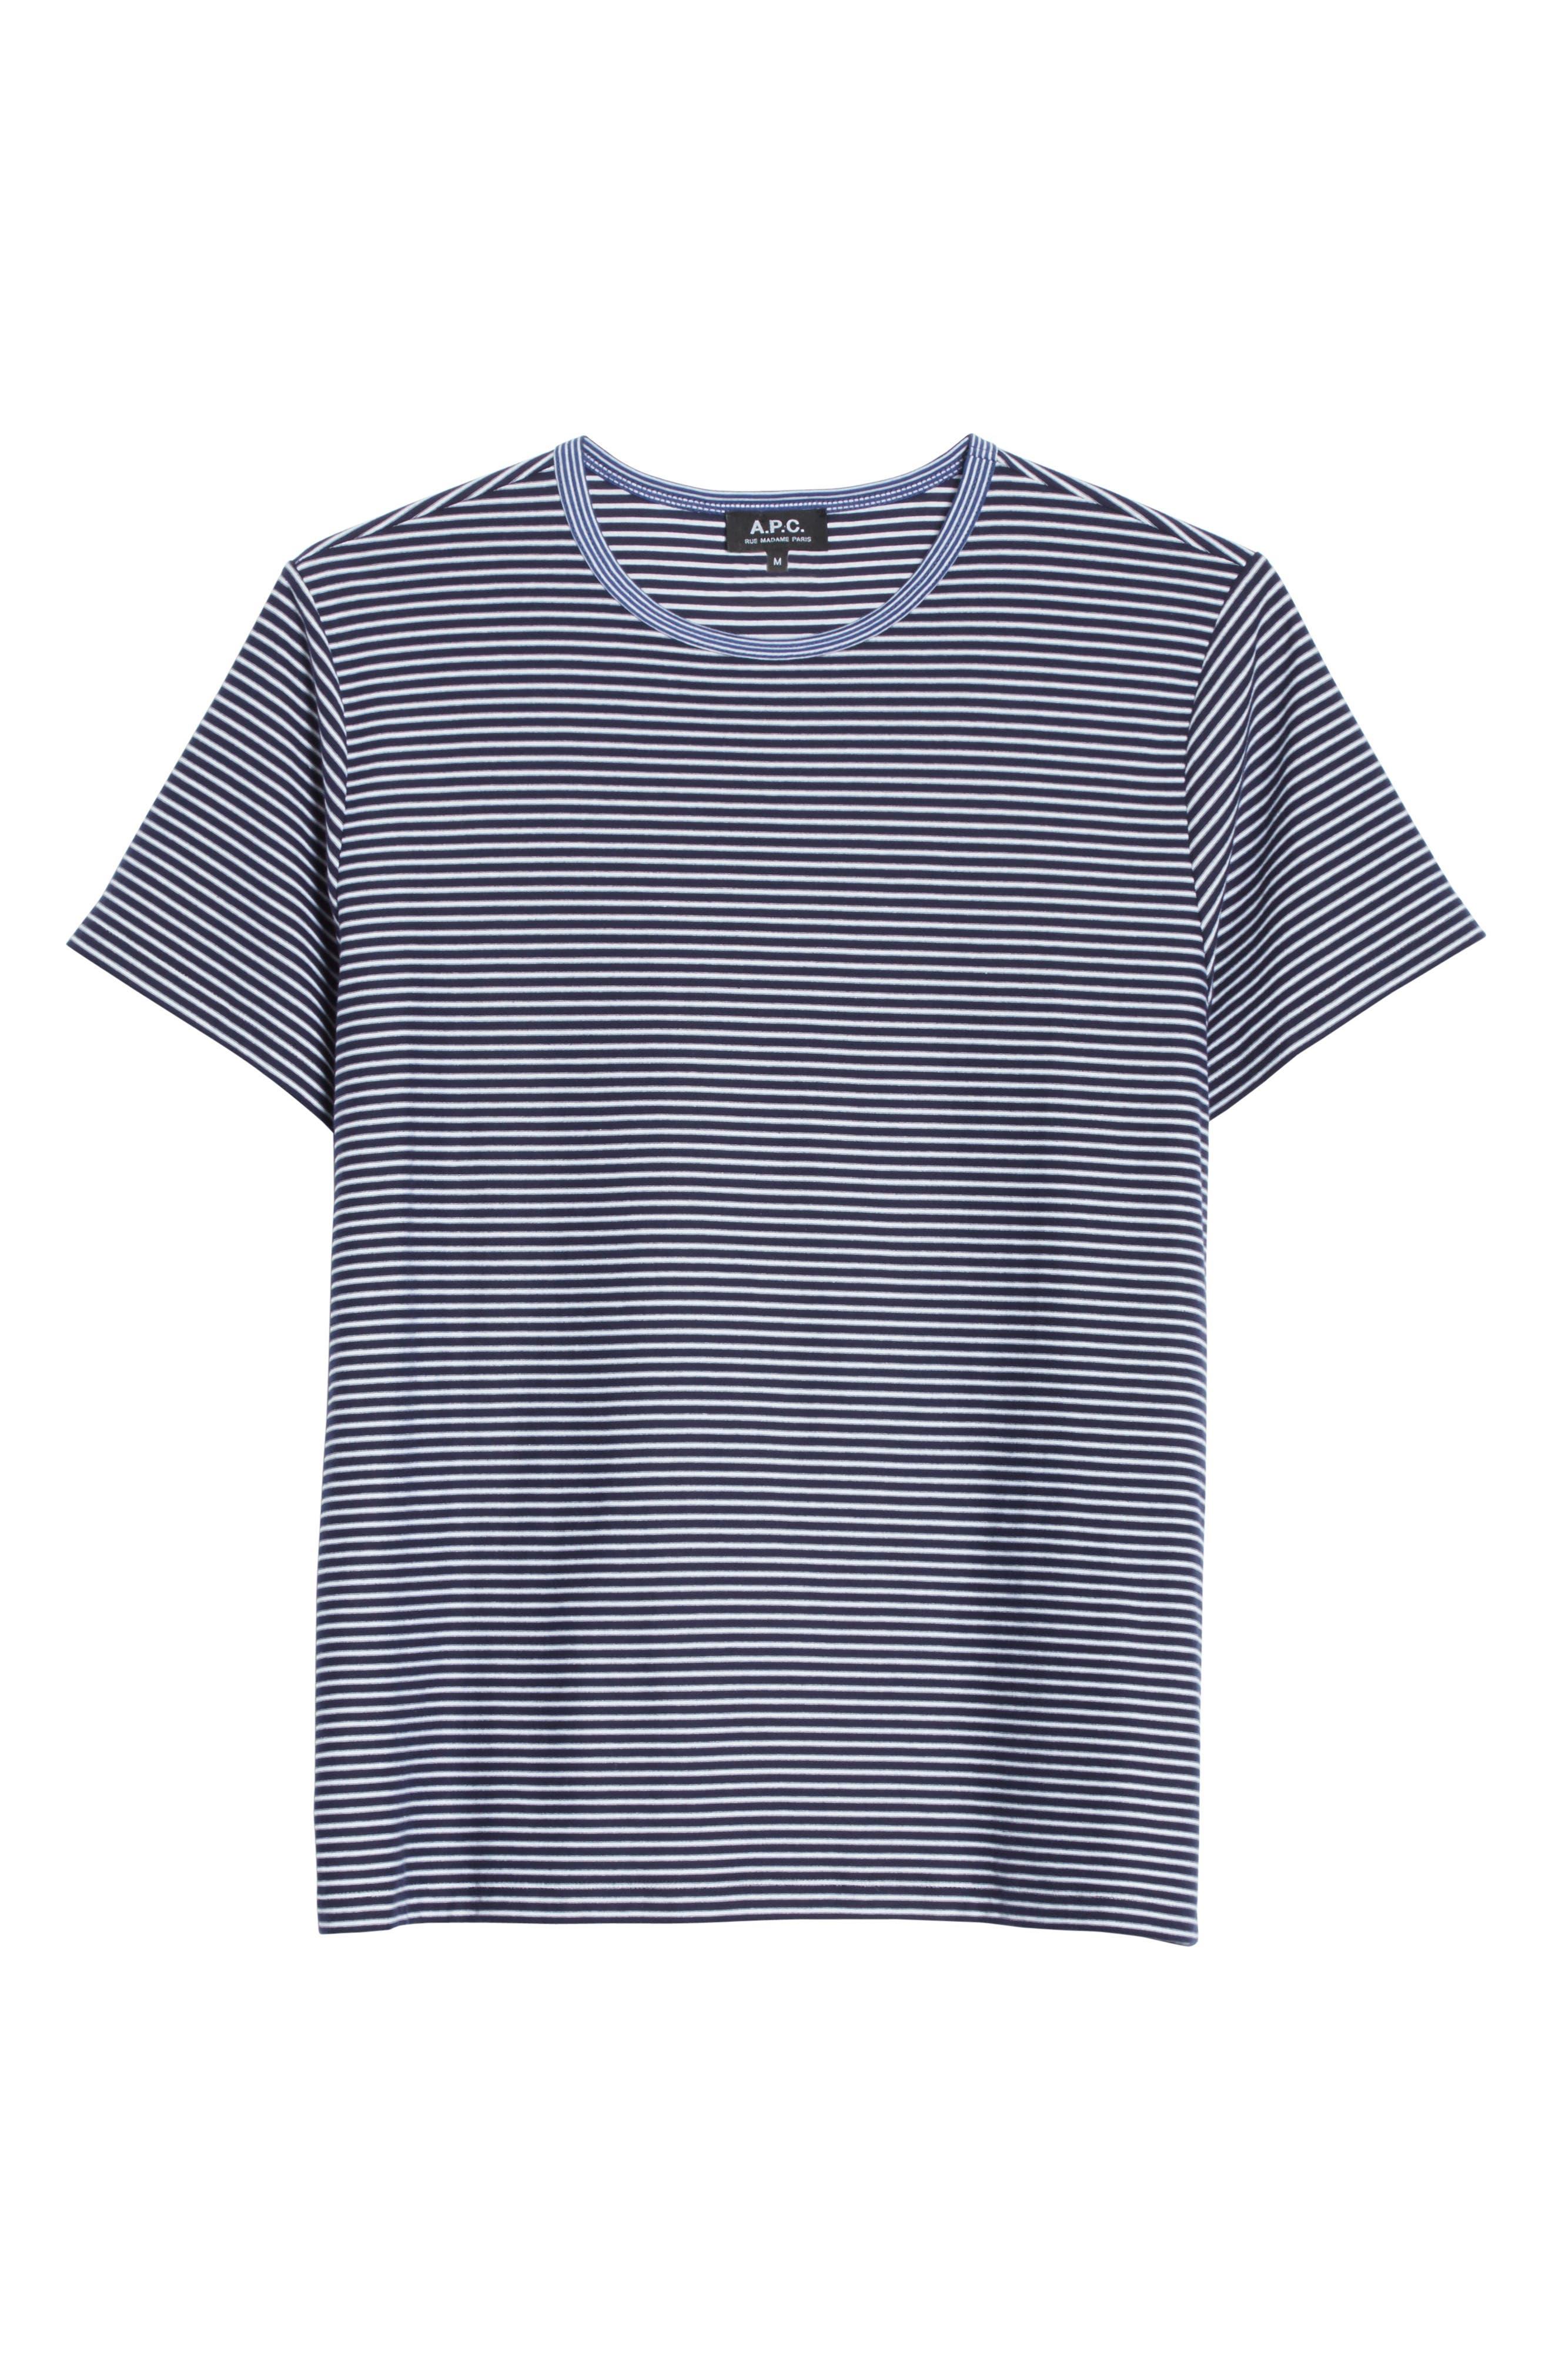 Maui Stripe T-Shirt,                             Alternate thumbnail 6, color,                             410